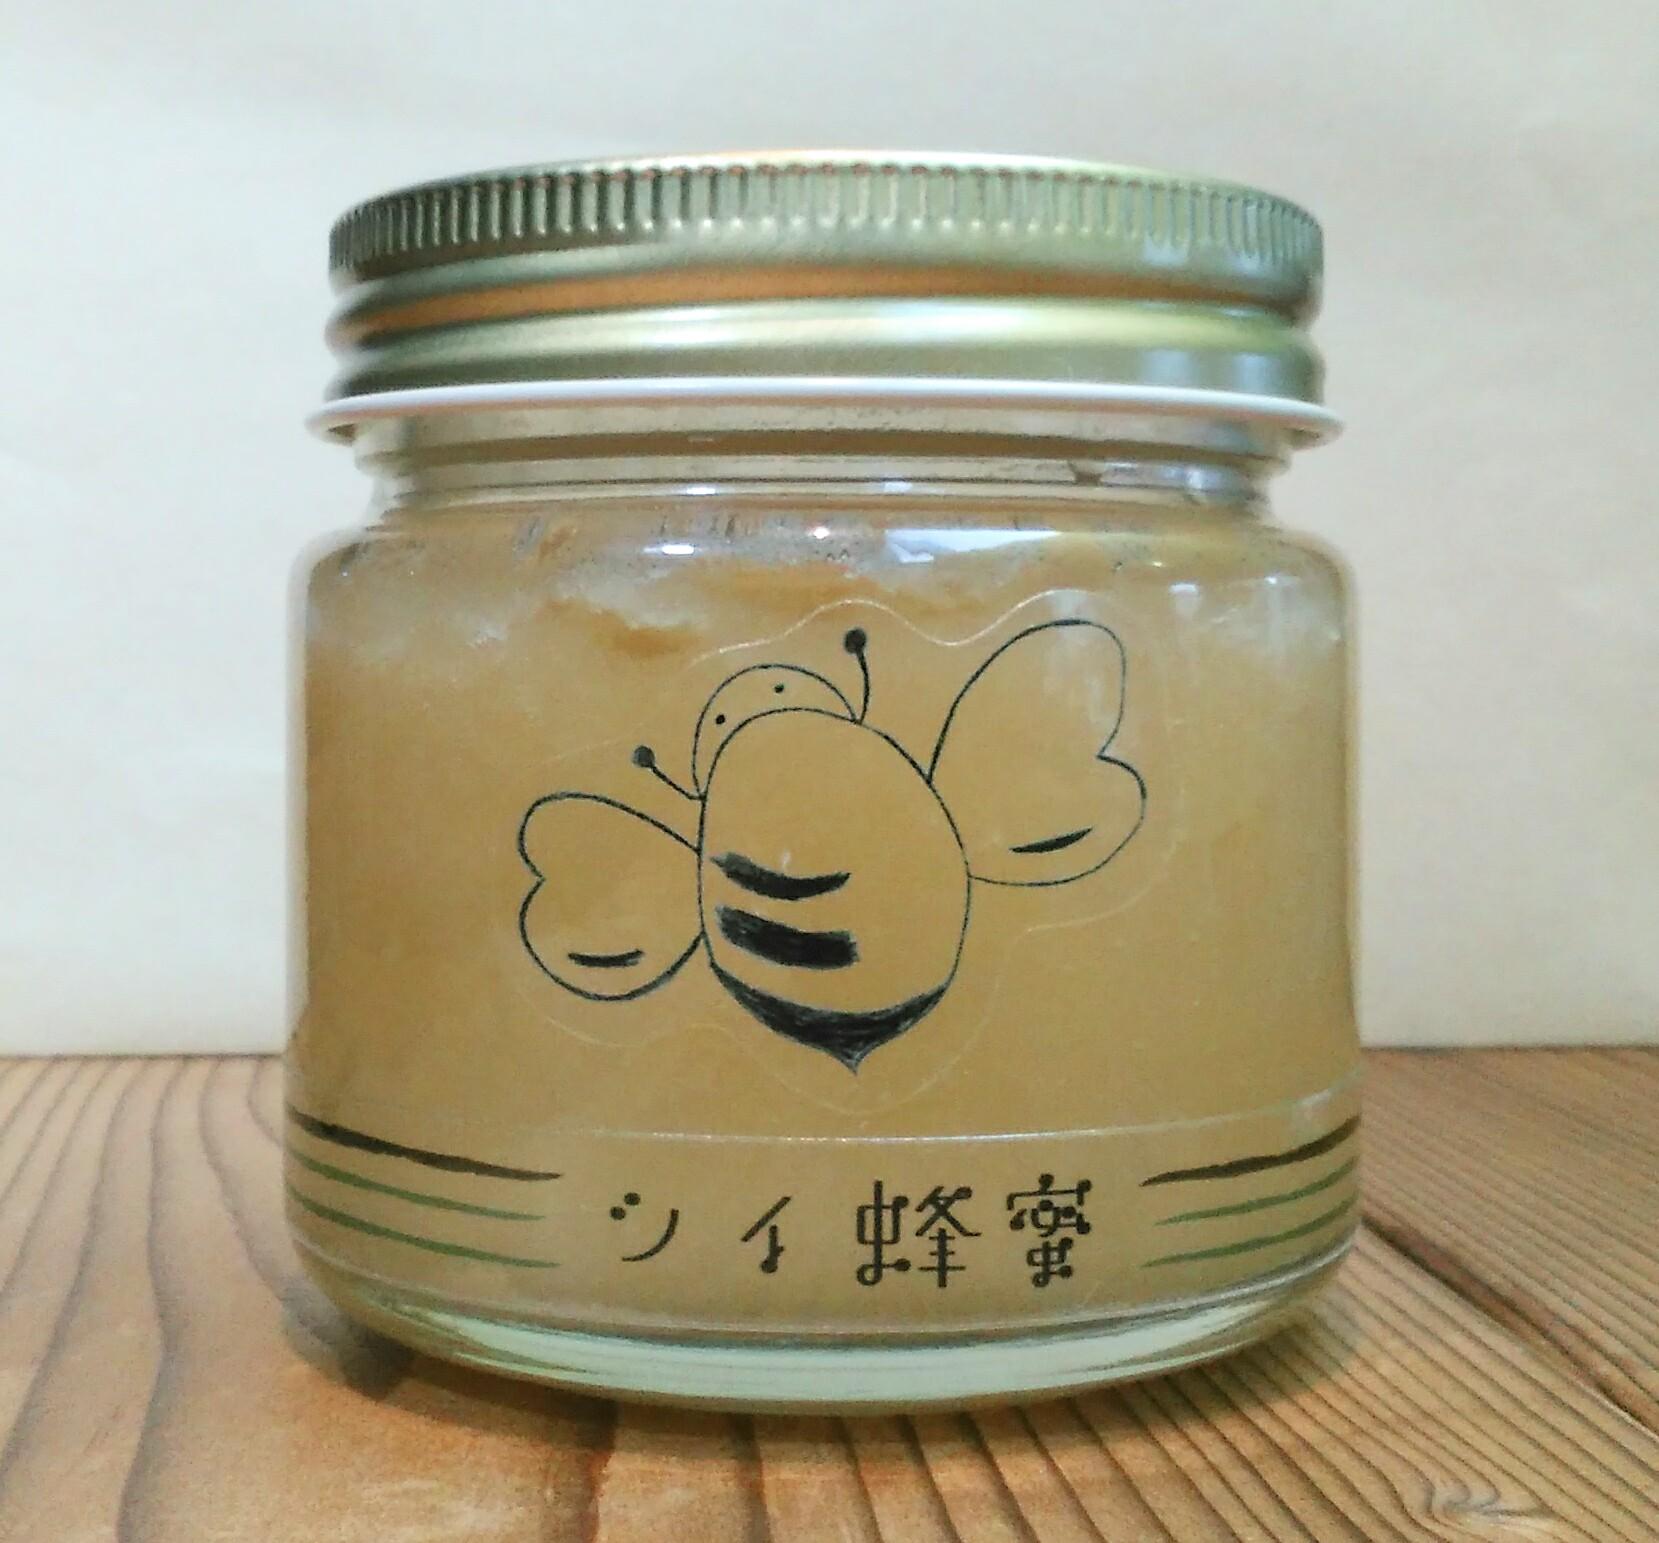 藤沢産 シイ蜂蜜150g画像